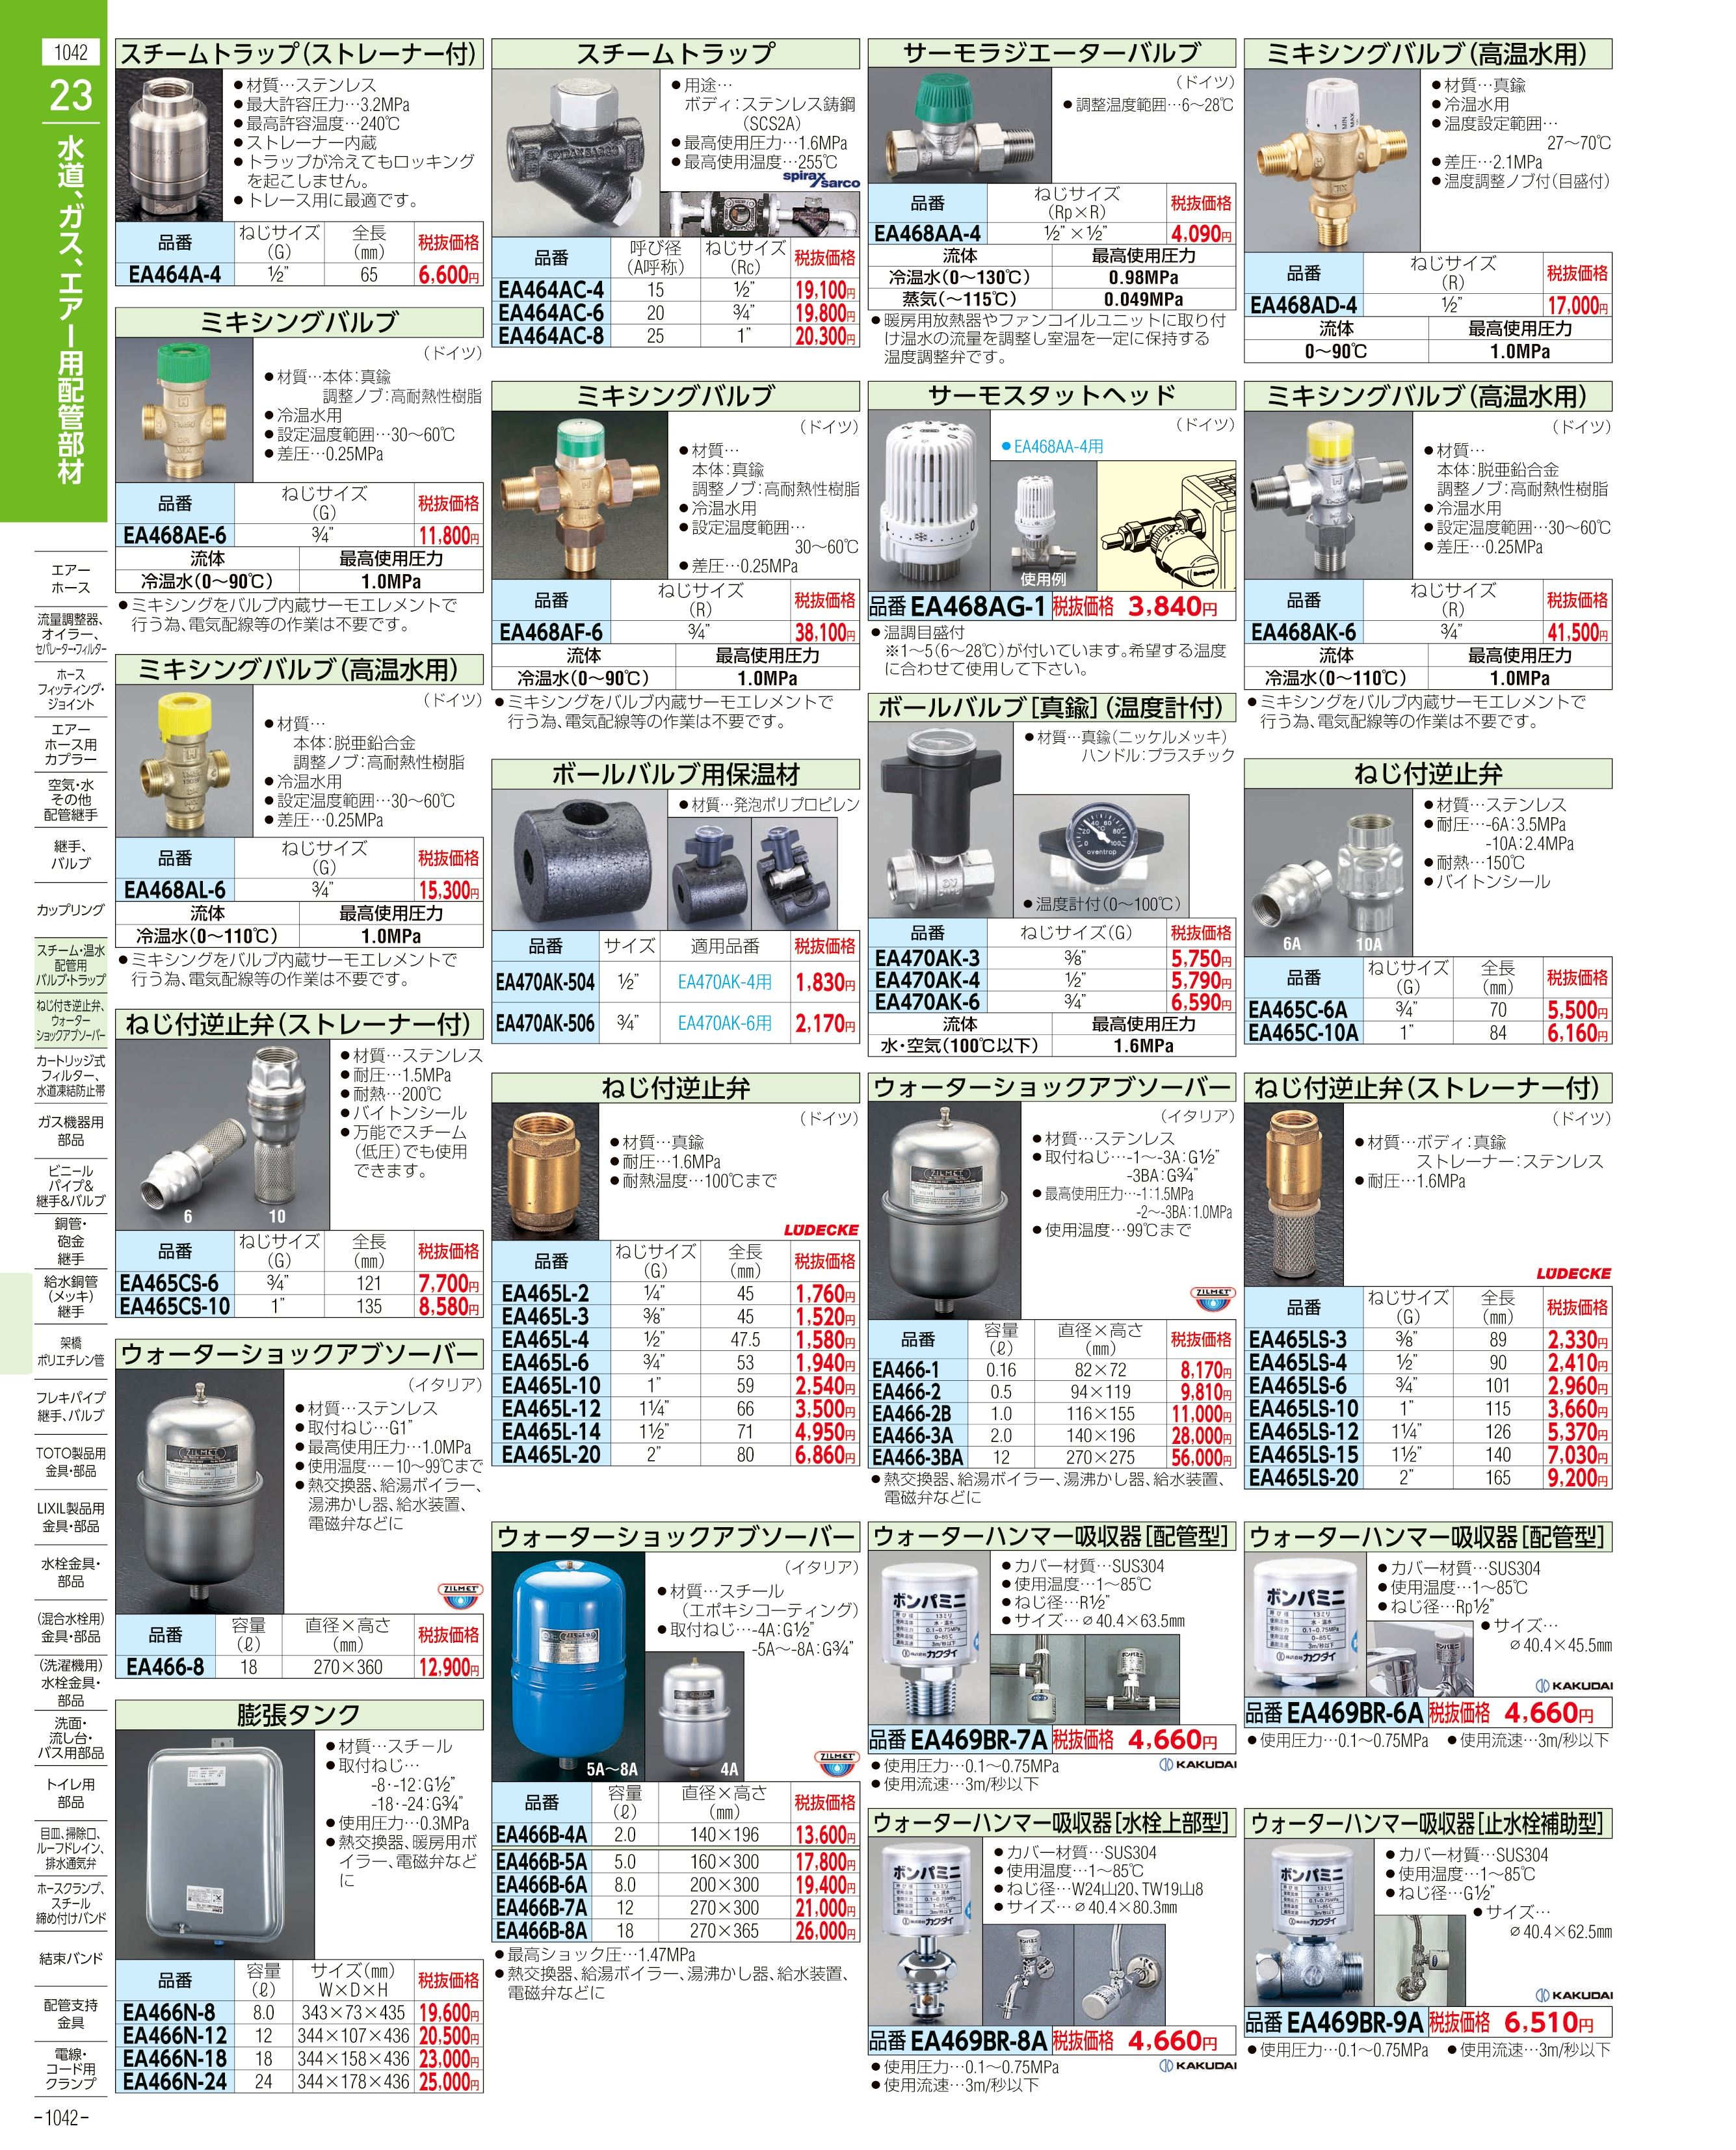 エスコ便利カタログ1042ページ